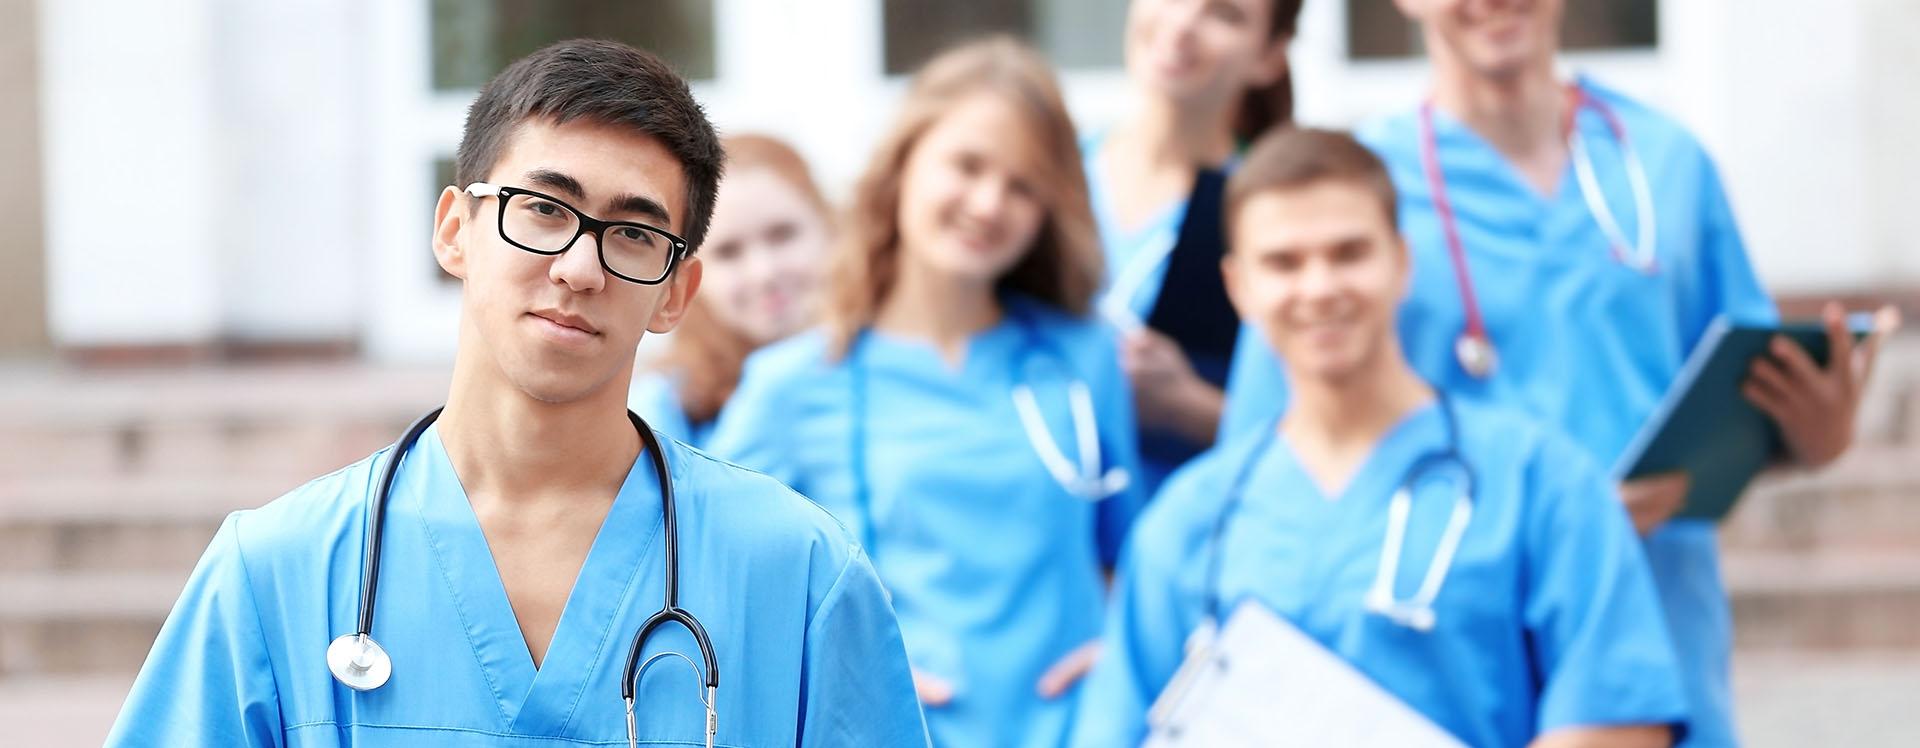 Nurses line up outside medical center